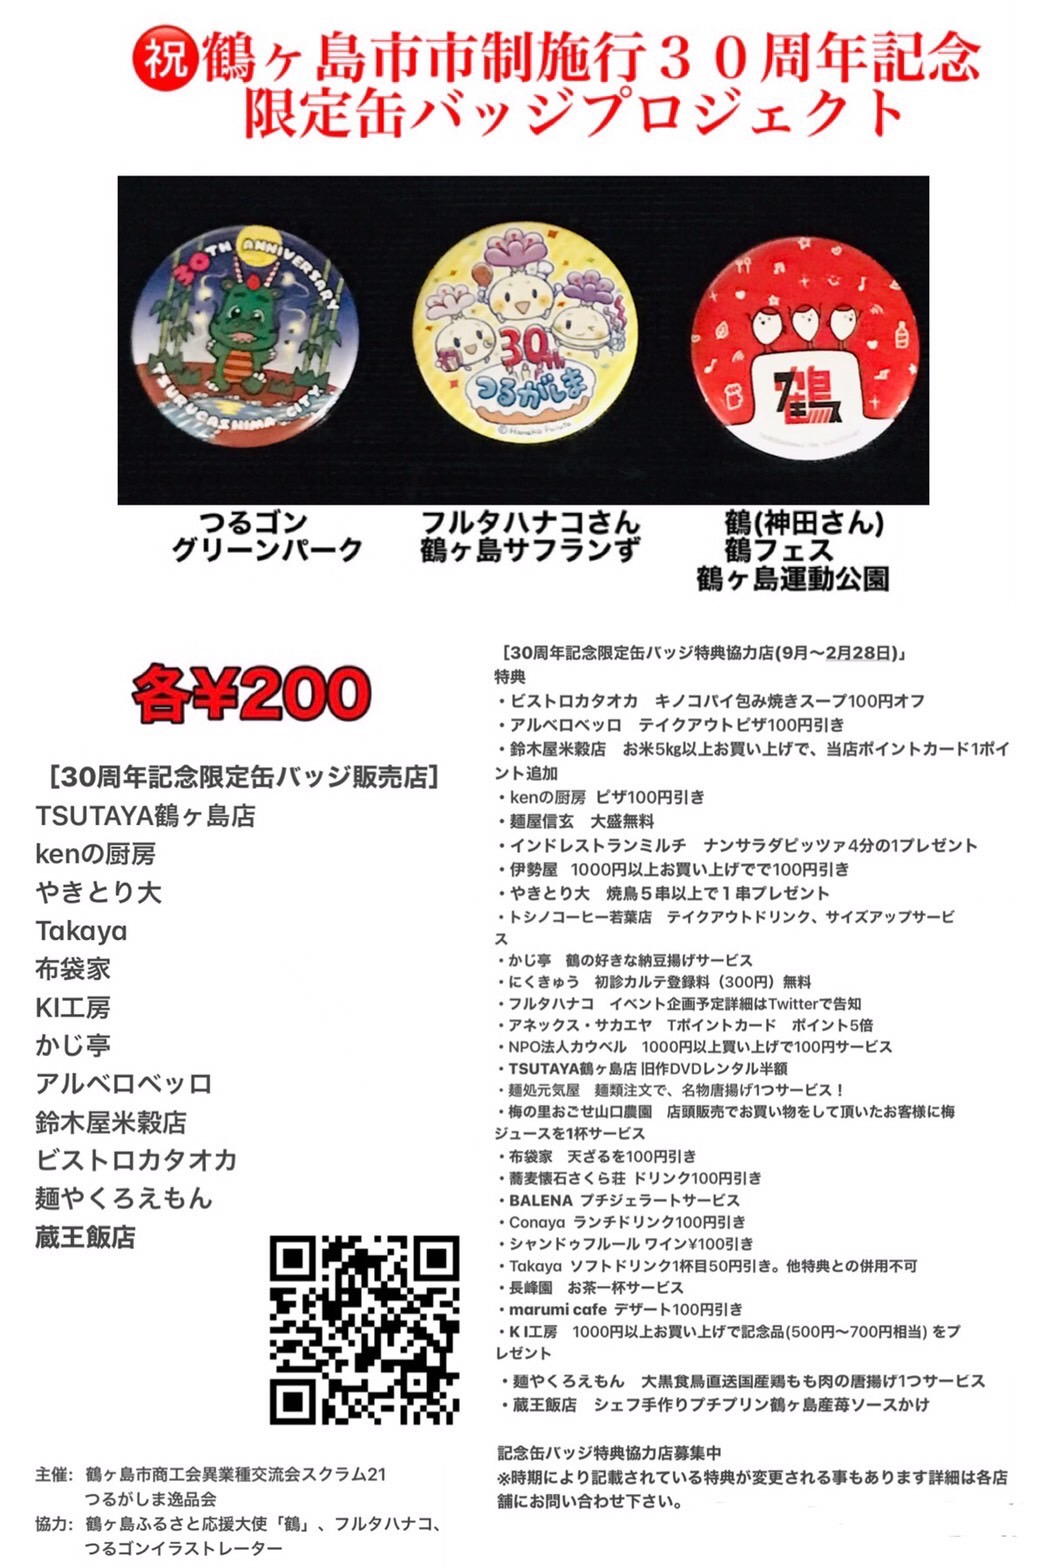 鶴ヶ島市制施行30周年記念缶バッジプロジェクト